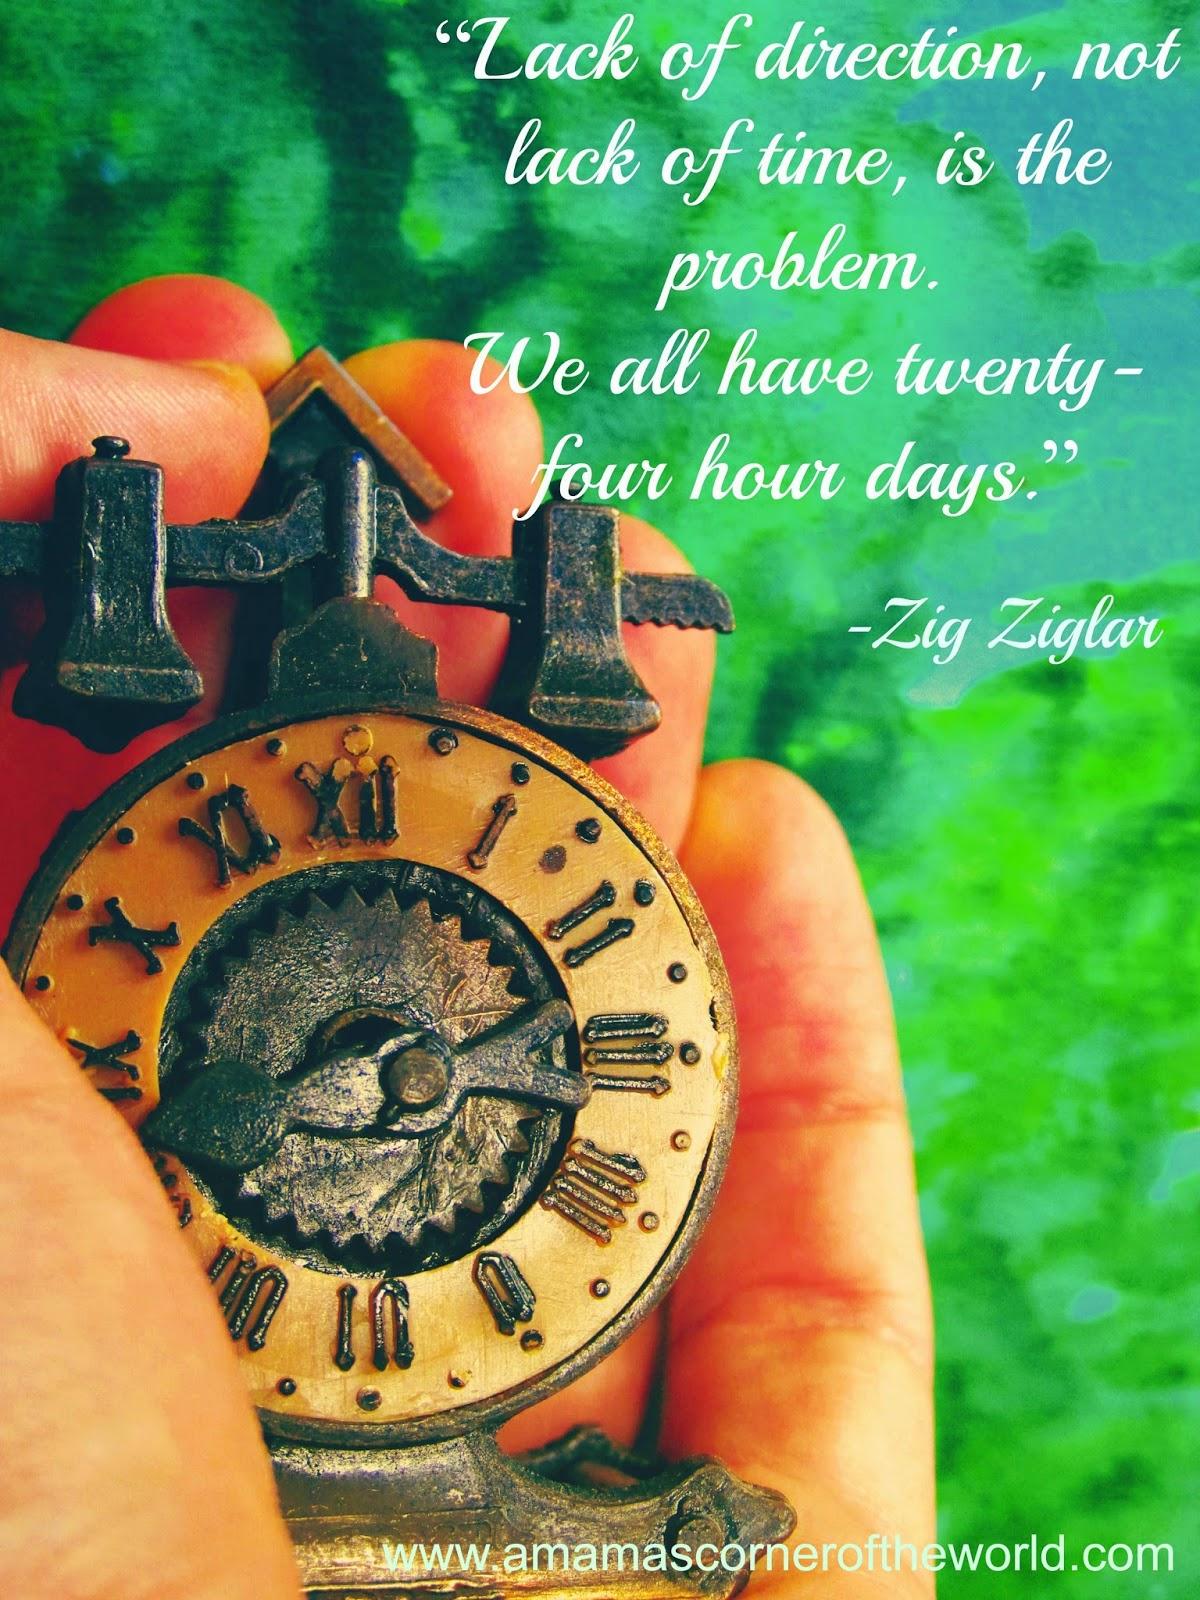 Time's in My Hand Original image www.sxc.hu/danjaeger